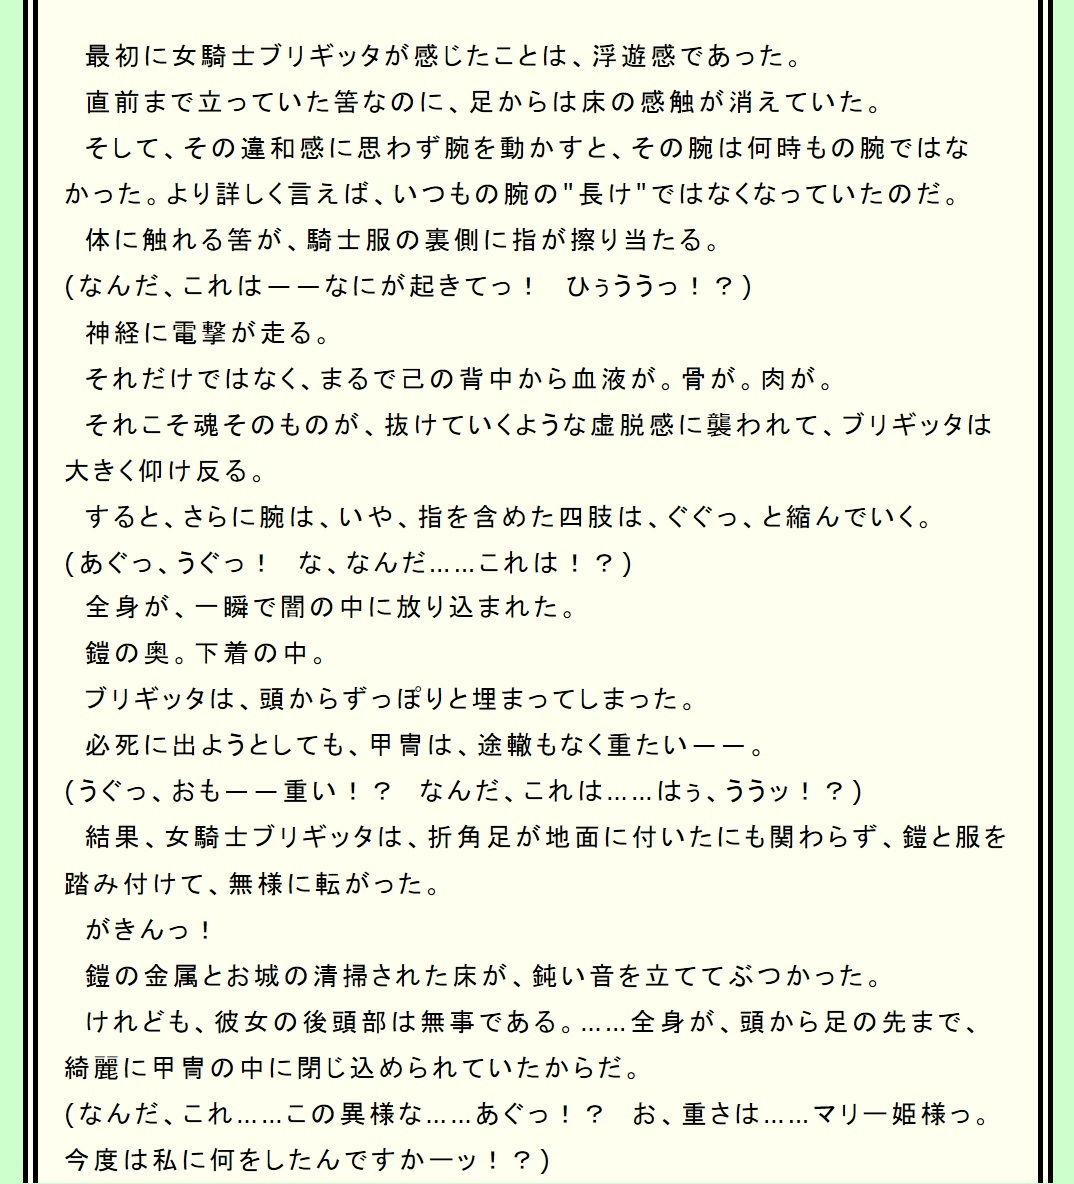 【猫娘 同人】女騎士ブリギッタの本音~ロリエルフ化で、甘えちゃえッ!!~